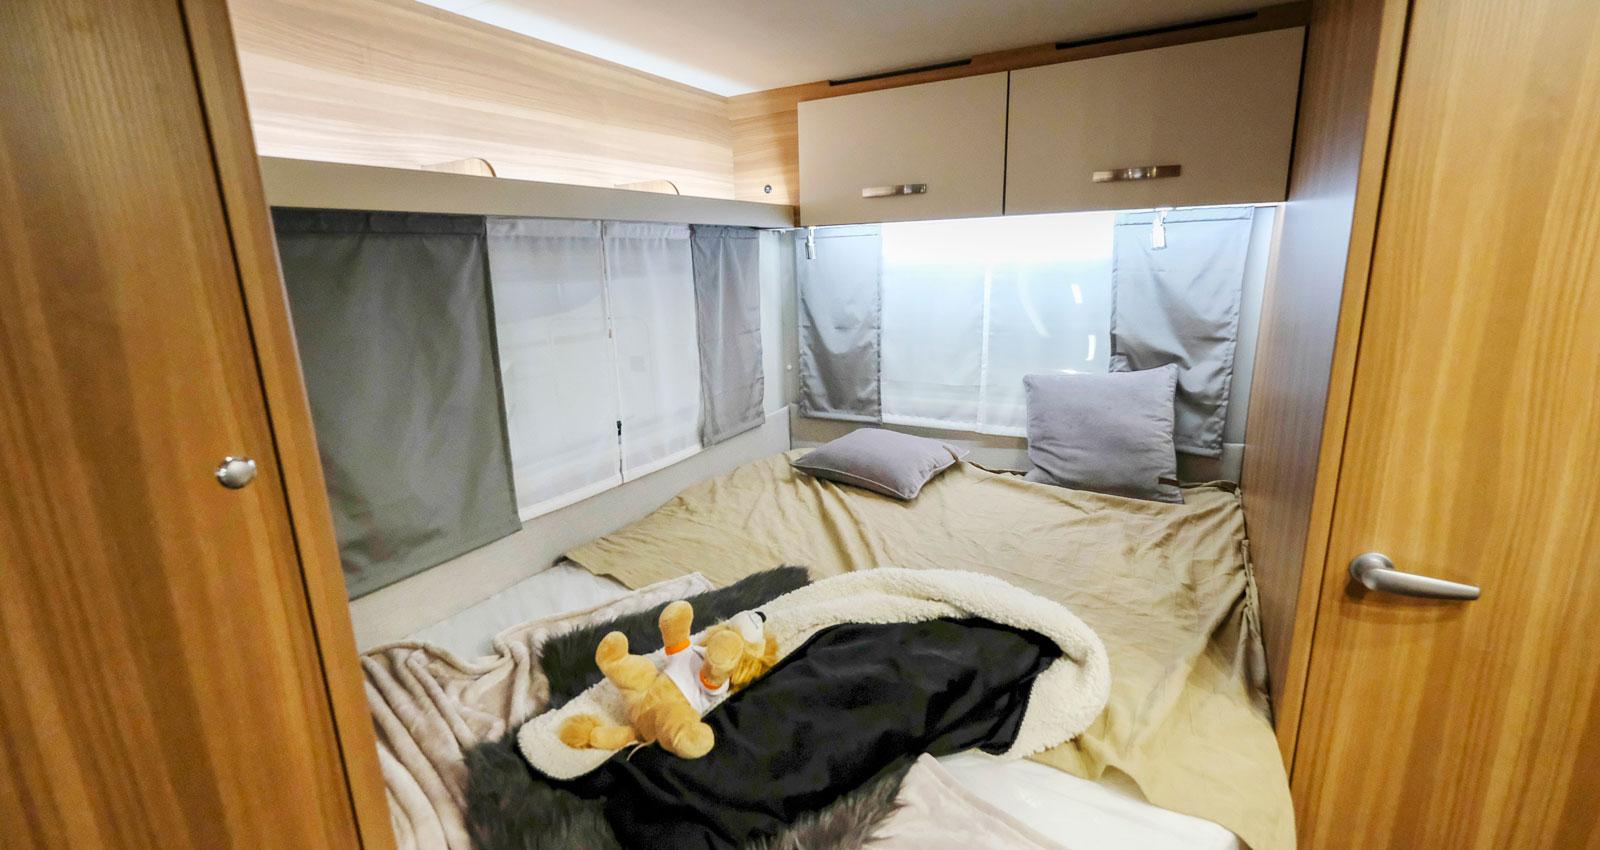 Längst bak finns en fransk säng och även garderober och toalett.